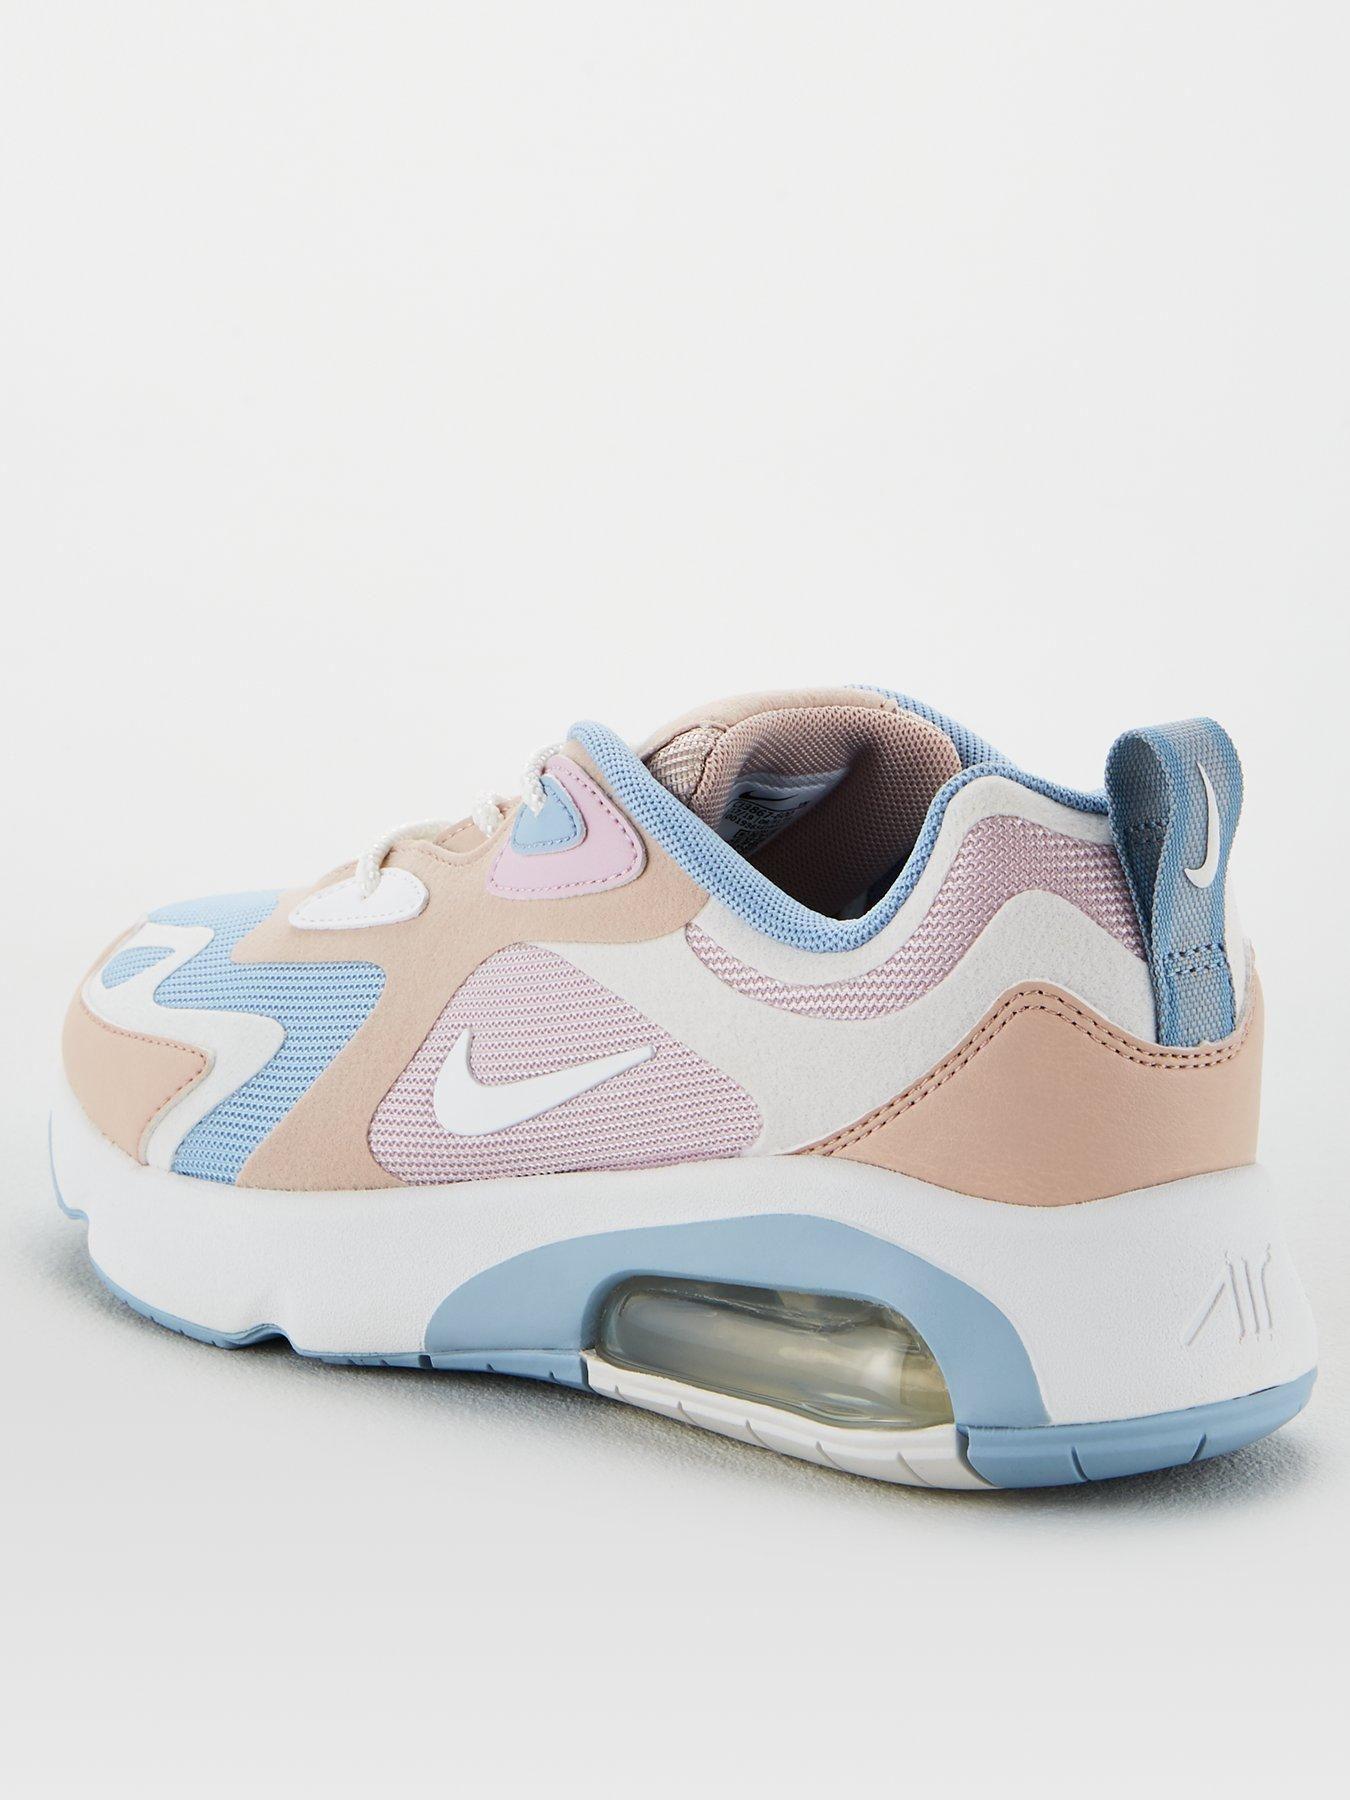 Air Max 200 Pink/White/Blue in 2020 Nike air, Air max